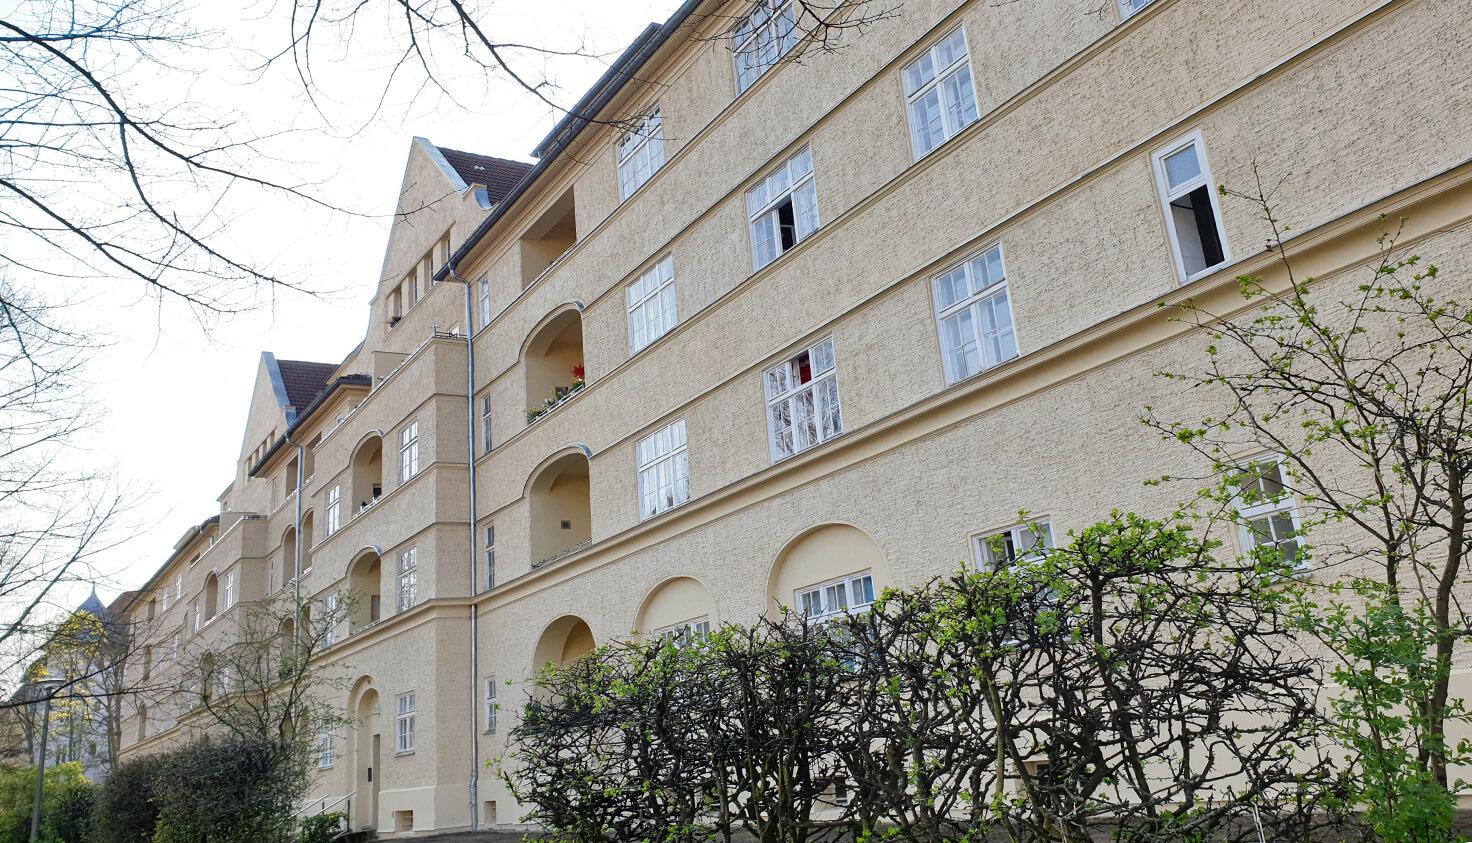 11-Sanierung-von-Altbaufenstern-referenz-malerbetrieb-kluge-berlin.jpg